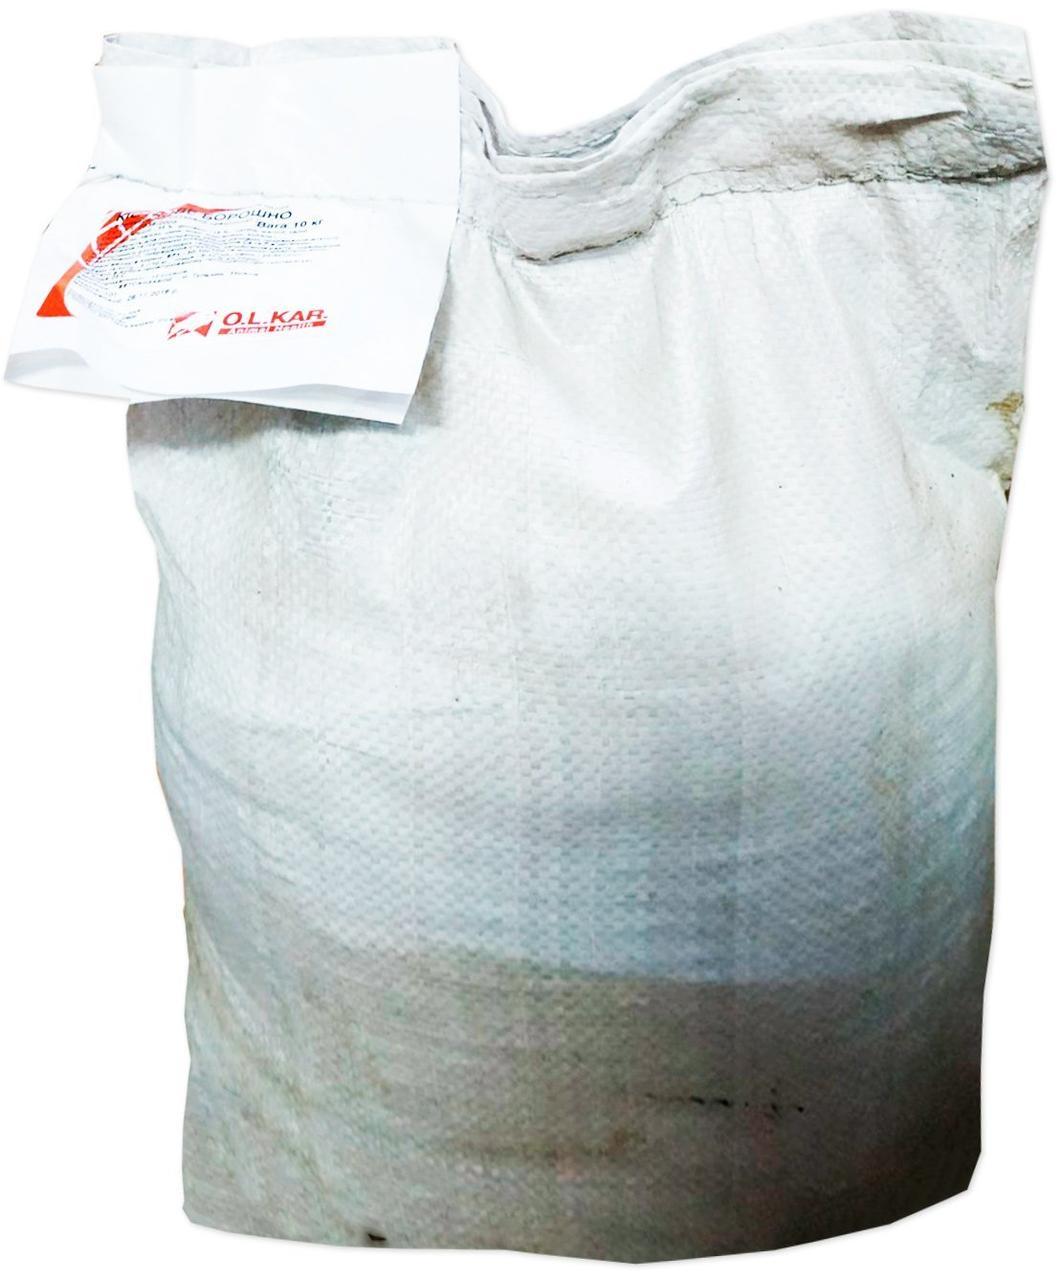 Мука костная, 10 кг, O.L.KAR. (Олкар)